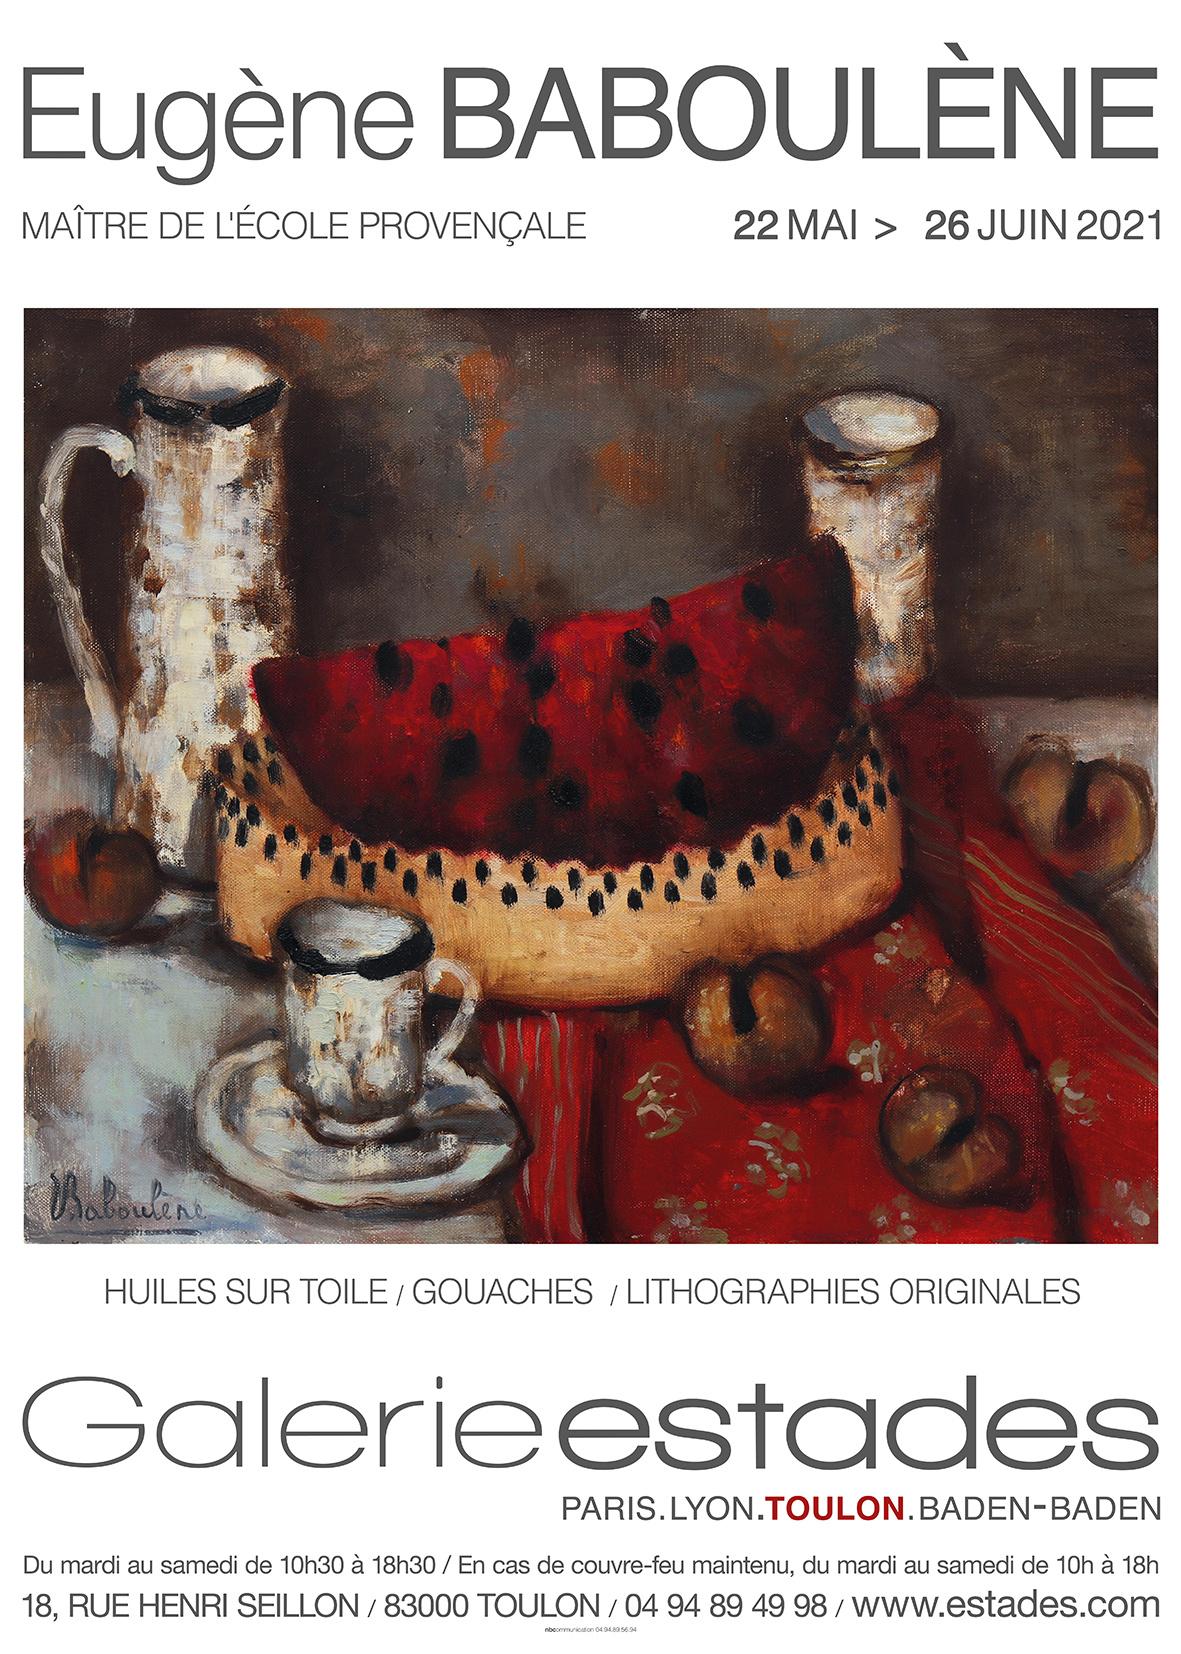 Exposition Eugène Baboulène à la Galerie Estades du 22 mai au 26 juin